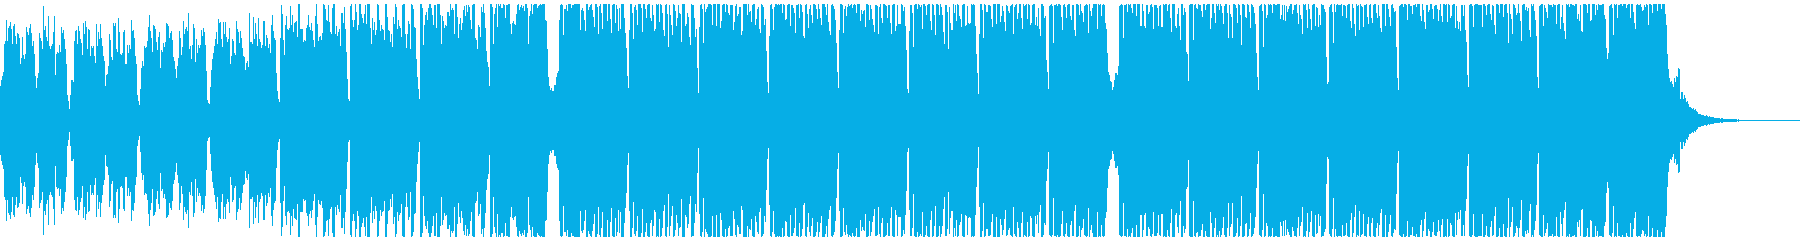 スポーツの動機(60秒)の再生済みの波形